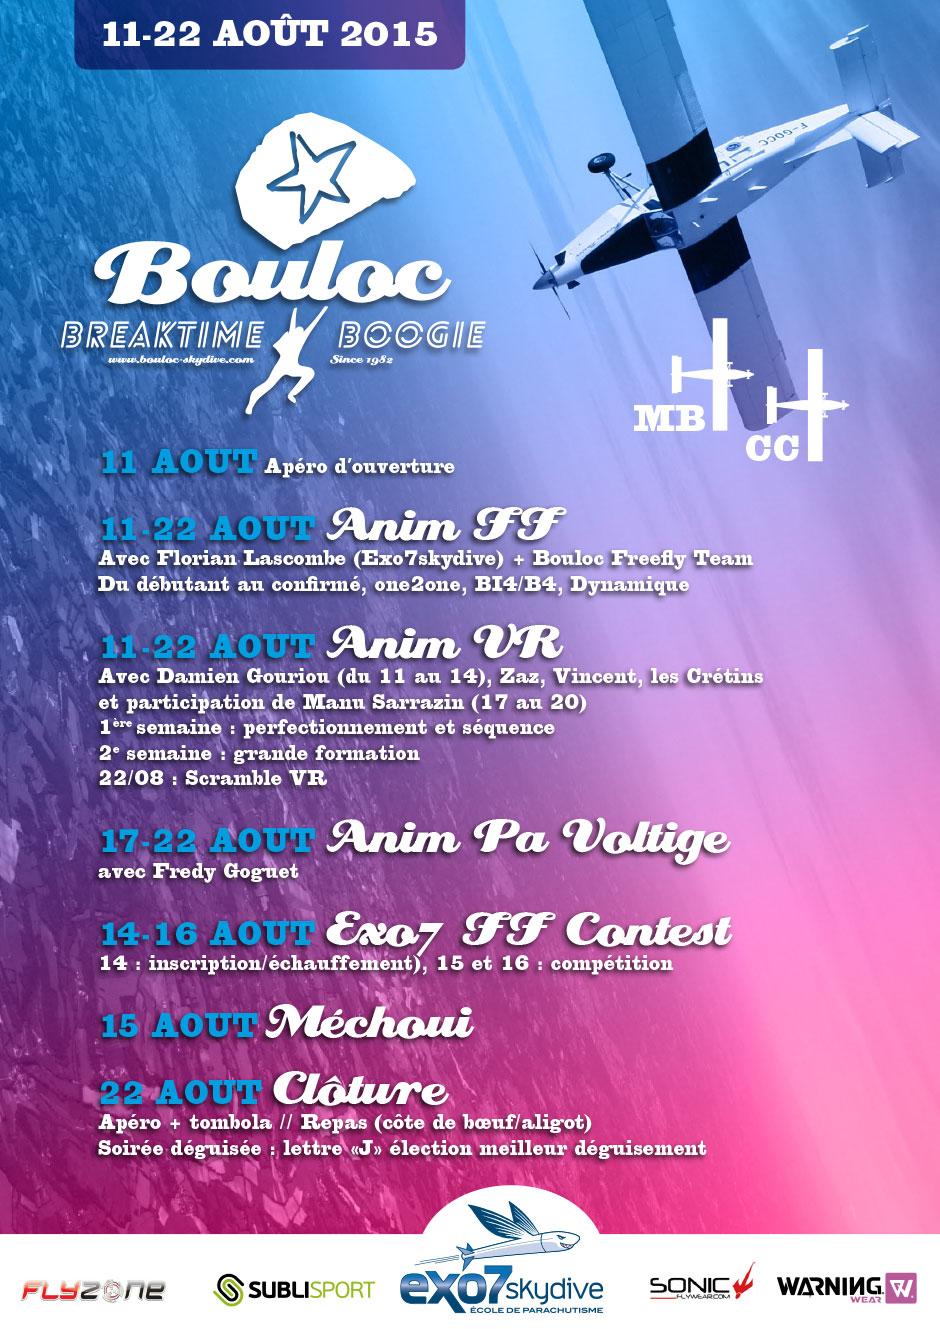 Affiche du Bouloc Breaktime Boogie 2015